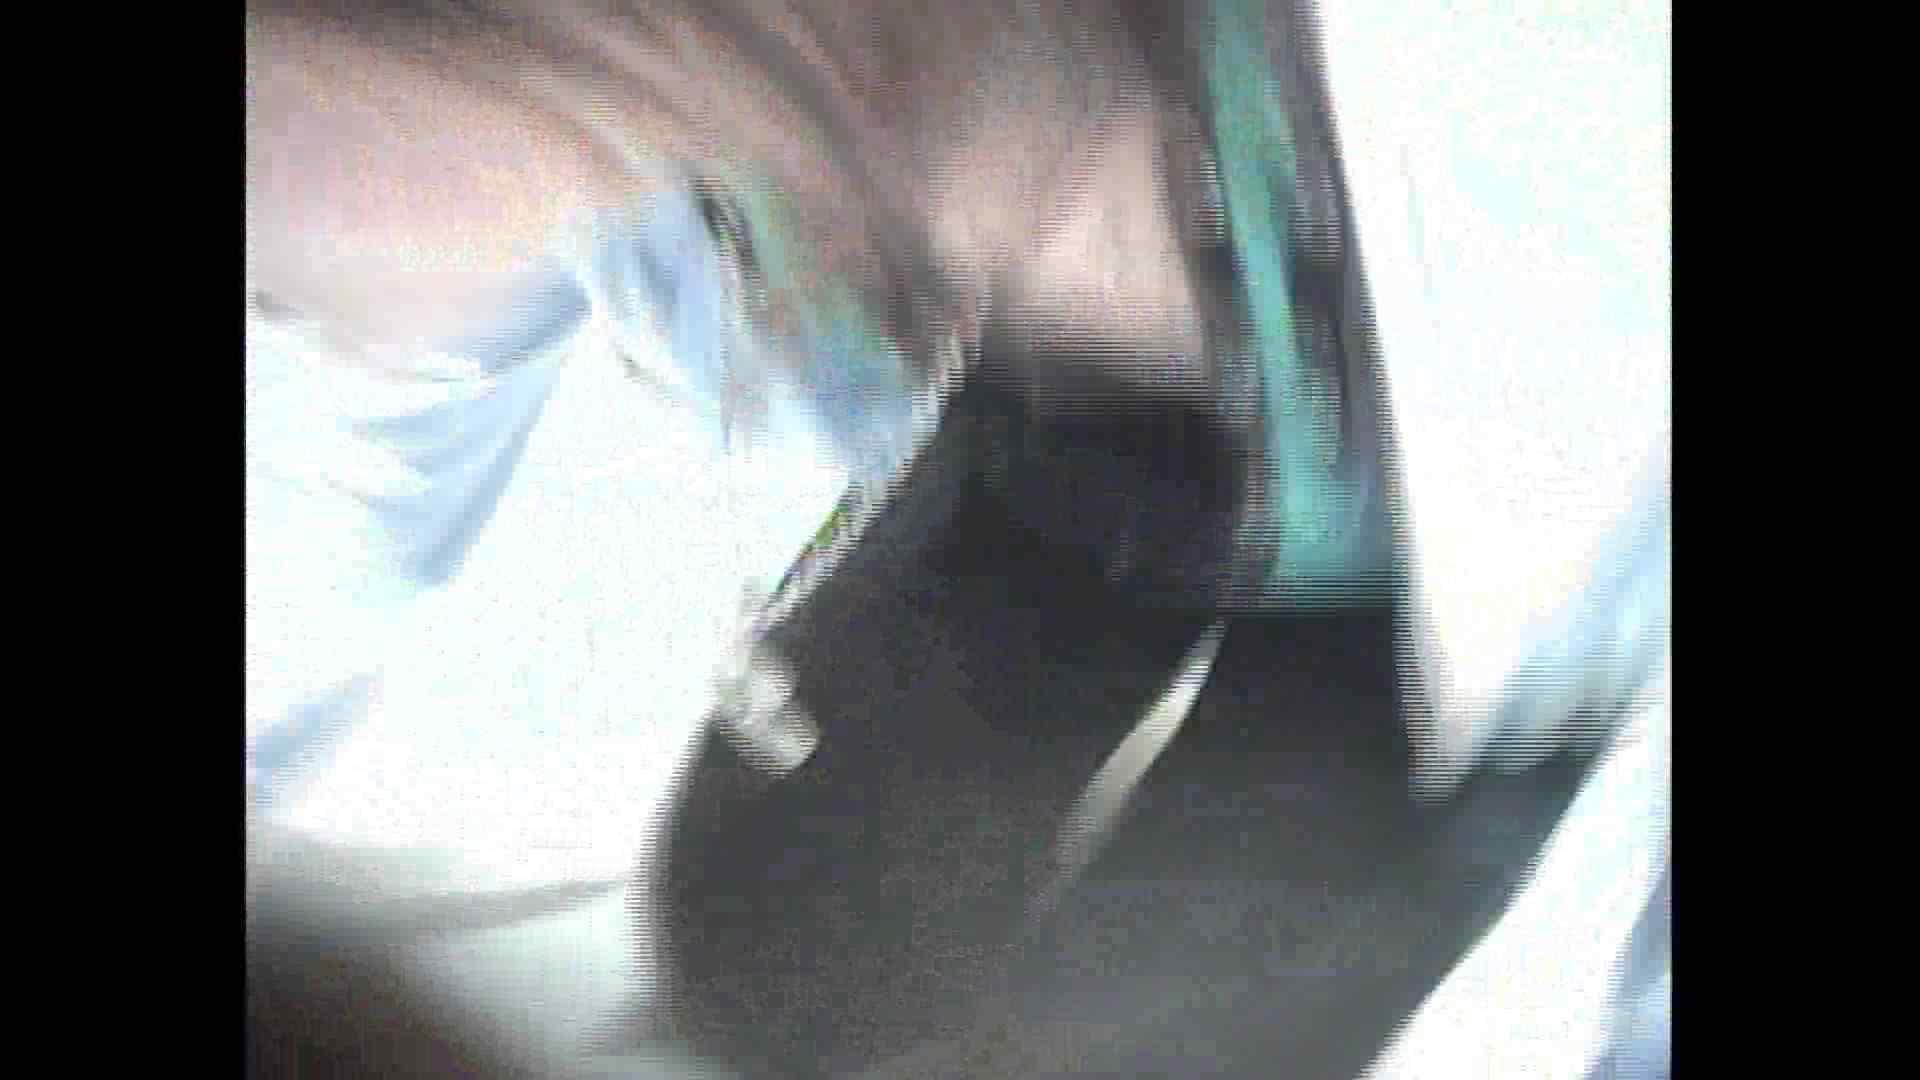 働く美女の谷間参拝 Vol.40 コスチューム 盗み撮りSEX無修正画像 92pic 38